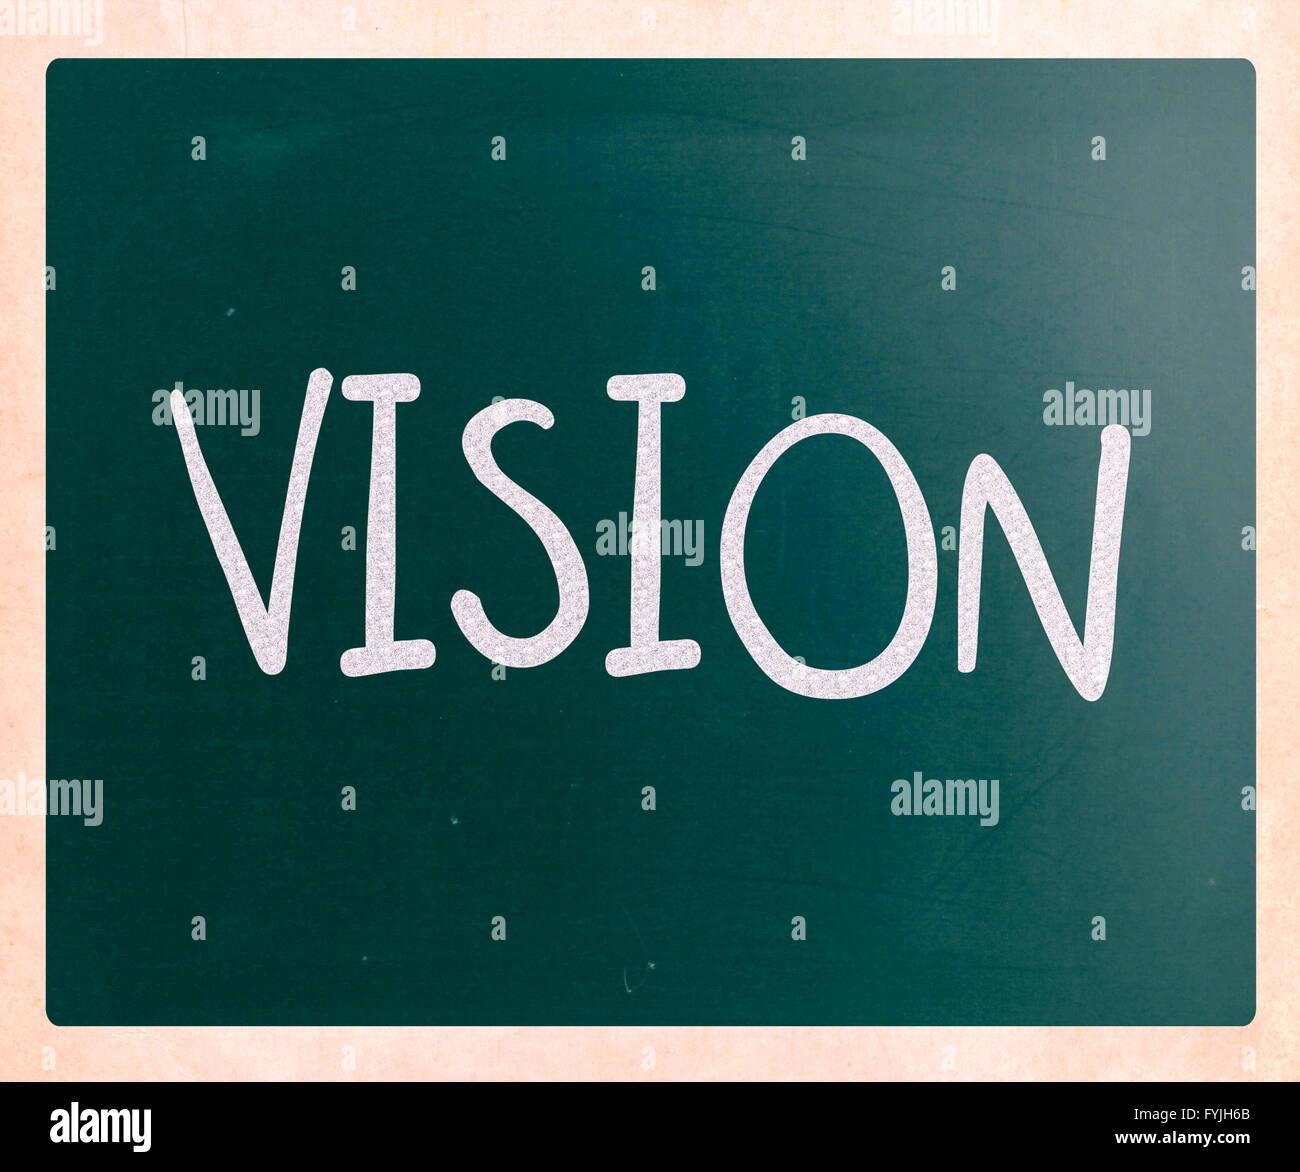 Manuscrite Vision avec craie blanche sur un tableau noir Photo Stock